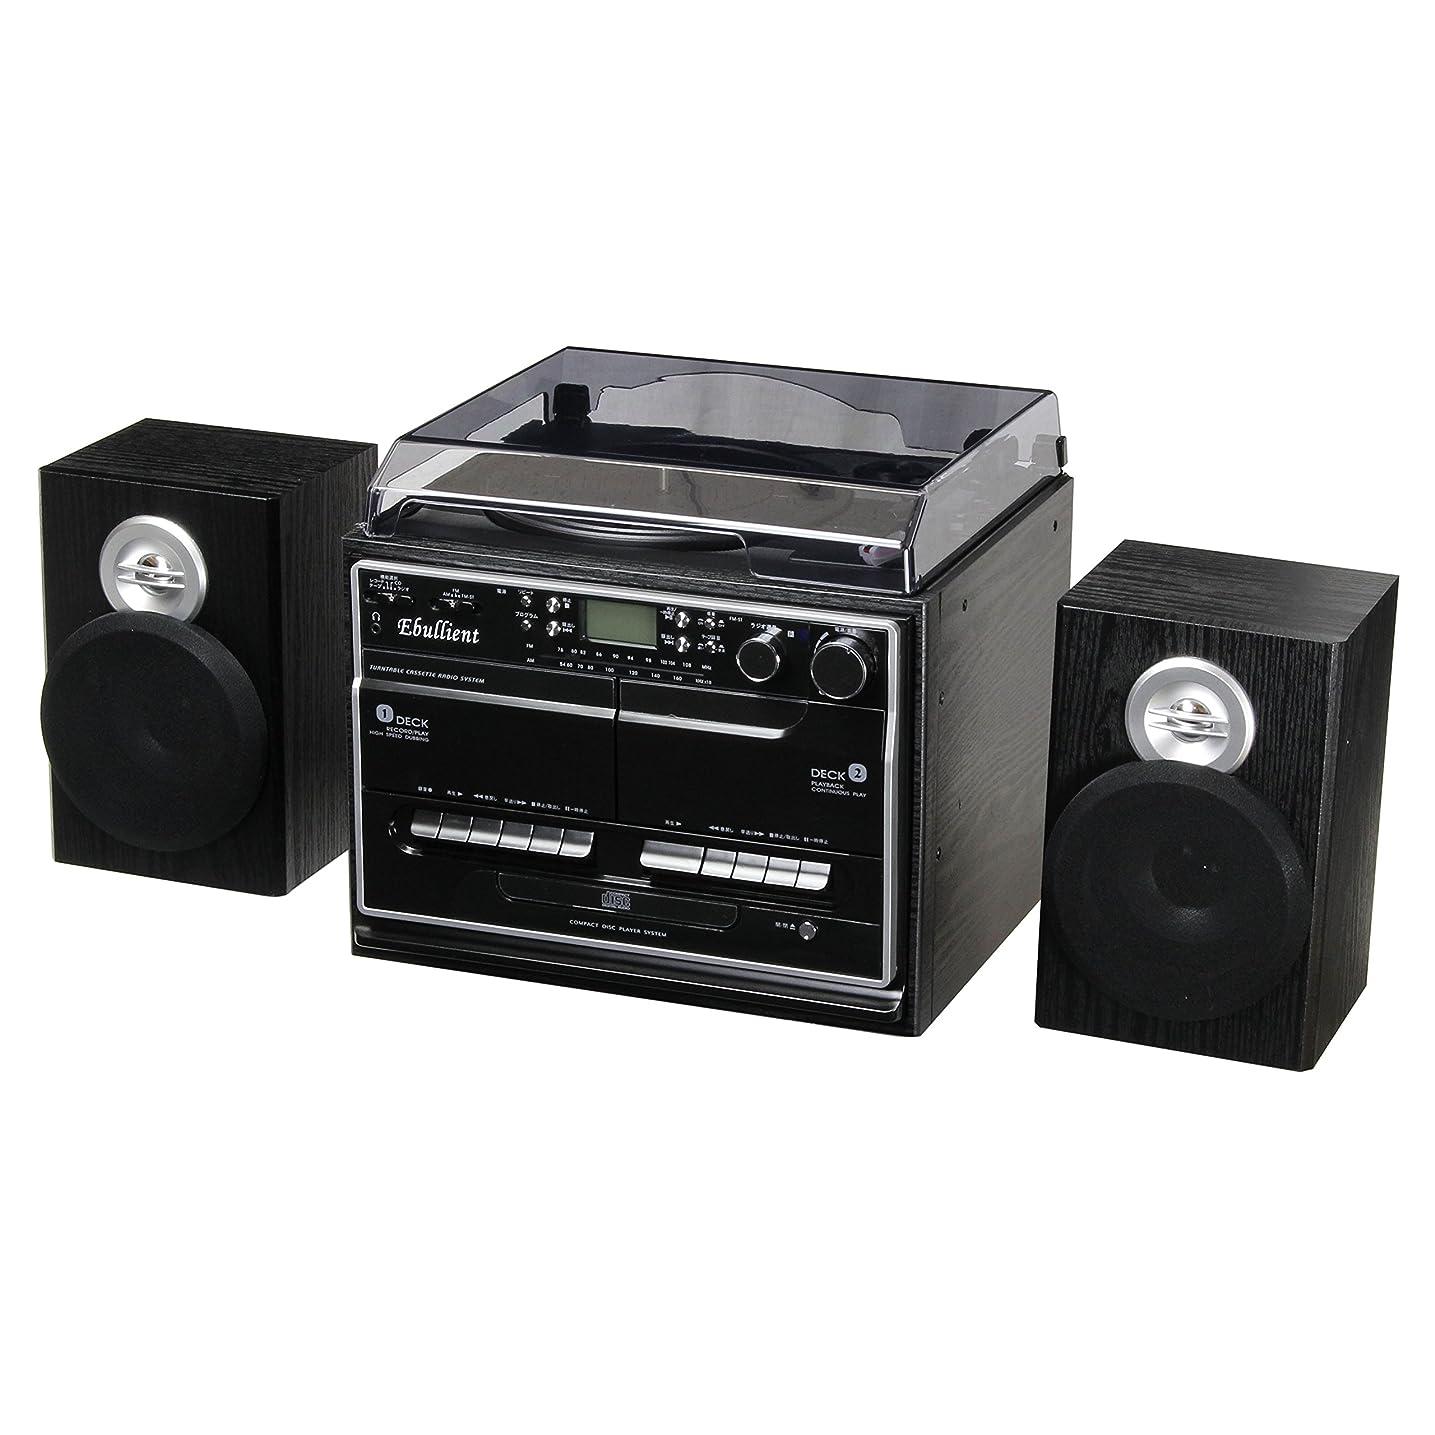 郵便ベール洪水Ezcap613 ミニレコードプレーヤー MP3ダビング機能搭載超小型ターンテーブル アナログ盤資産を高音質デジタル化 レコード音源をワンタッチ録音 33回転/45回転切替可能 EP/LP ドーナツ盤対応 曲毎にファイルを自動分割 3.5mm出力 USBメモリ?HDD?microSDカードに直接記録 パソコン不要 MP3ファイル再生 コンパクトサイズ 乾電池/USB駆動で持ち運び?携帯にも便利 ACアダプター?日本語取扱説明書同梱